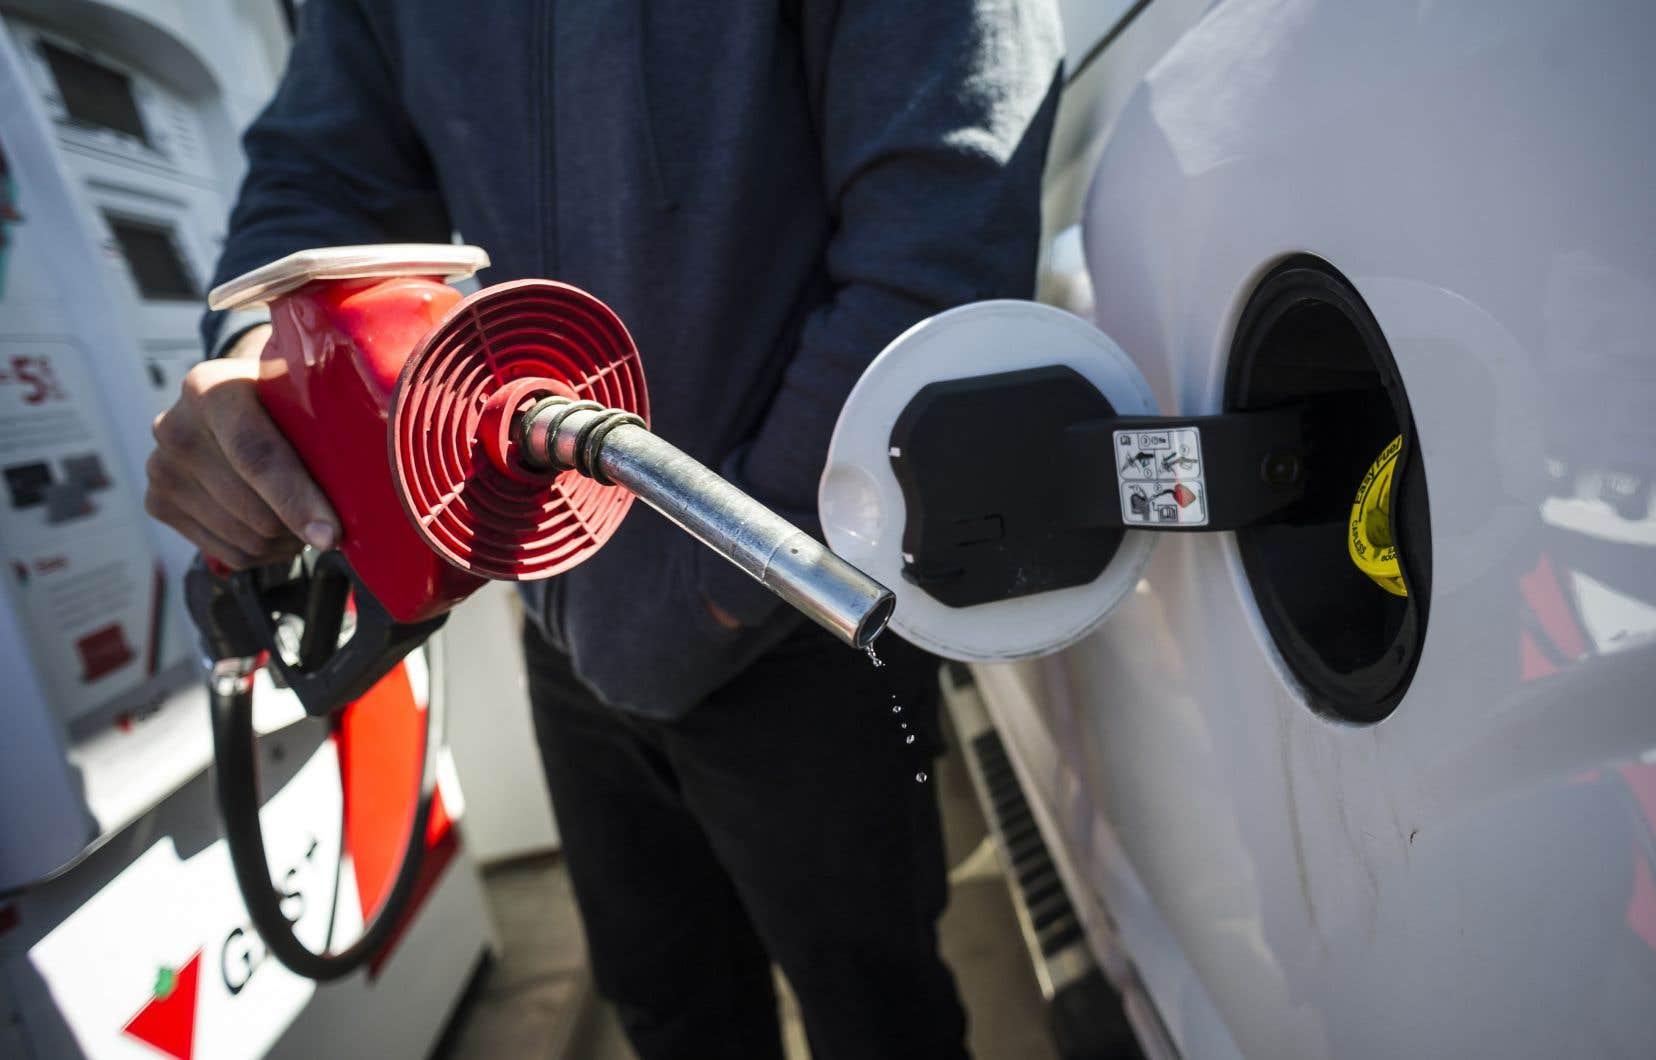 Les prix de l'essence ont grimpé de 0,9% d'une année à l'autre, alors qu'ils avaient reculé de 6,7% en octobre.